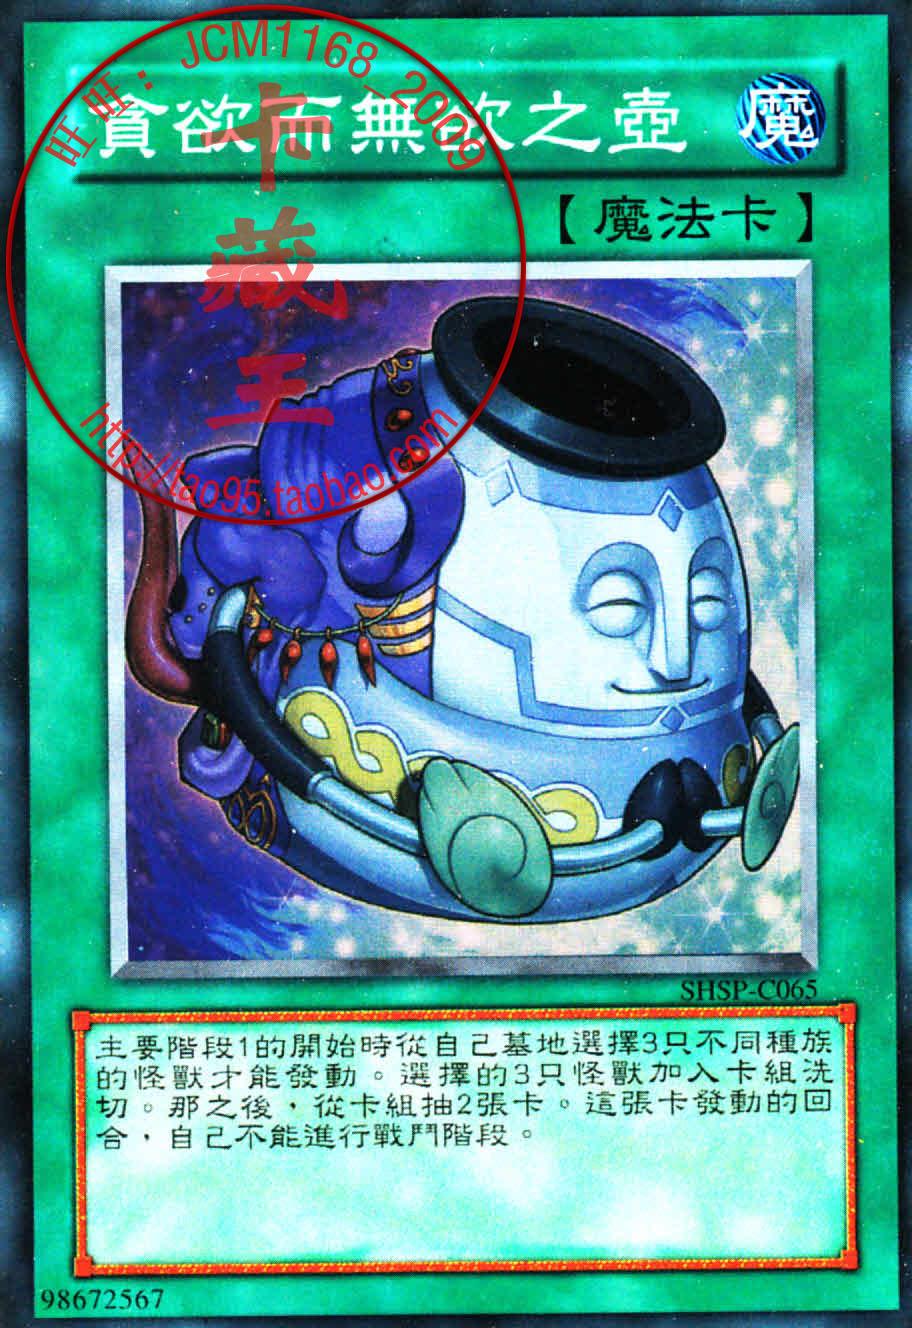 游戏王卡组 最强魔法卡片单卡散卡贪欲而无欲之壶